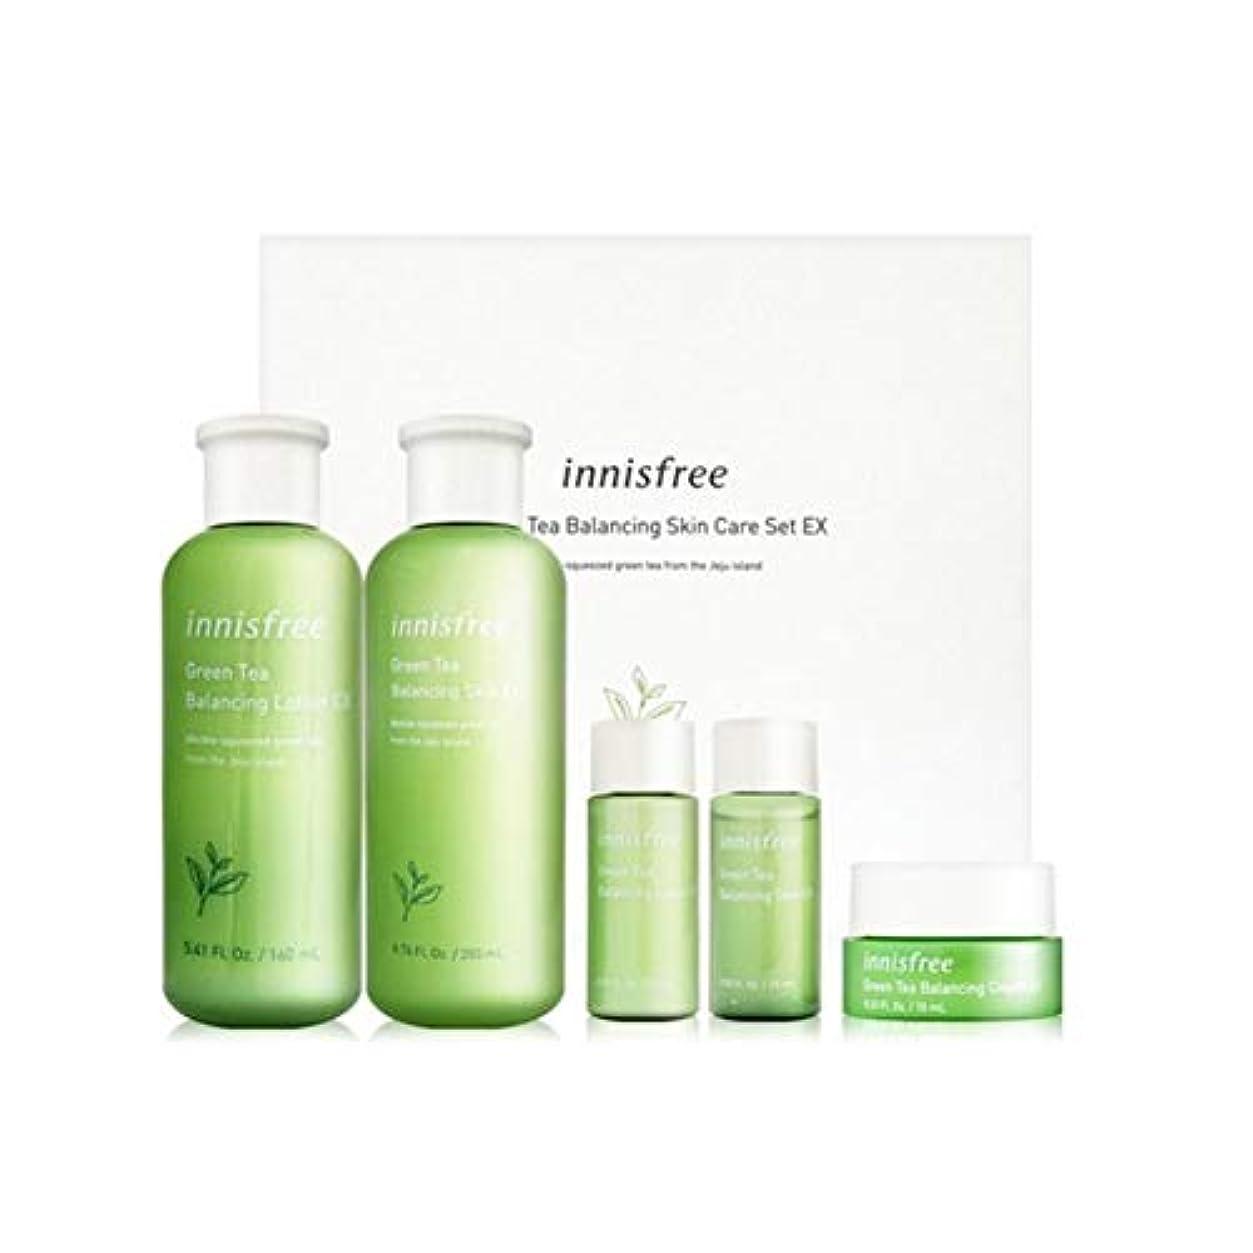 亡命男やもめ悲観主義者イニスフリーグリーンティーバランシングスキンケアセットの水分ケア韓国コスメ、innisfree Green Tea Balancing Skin Care Set Korean Cosmetics [並行輸入品]